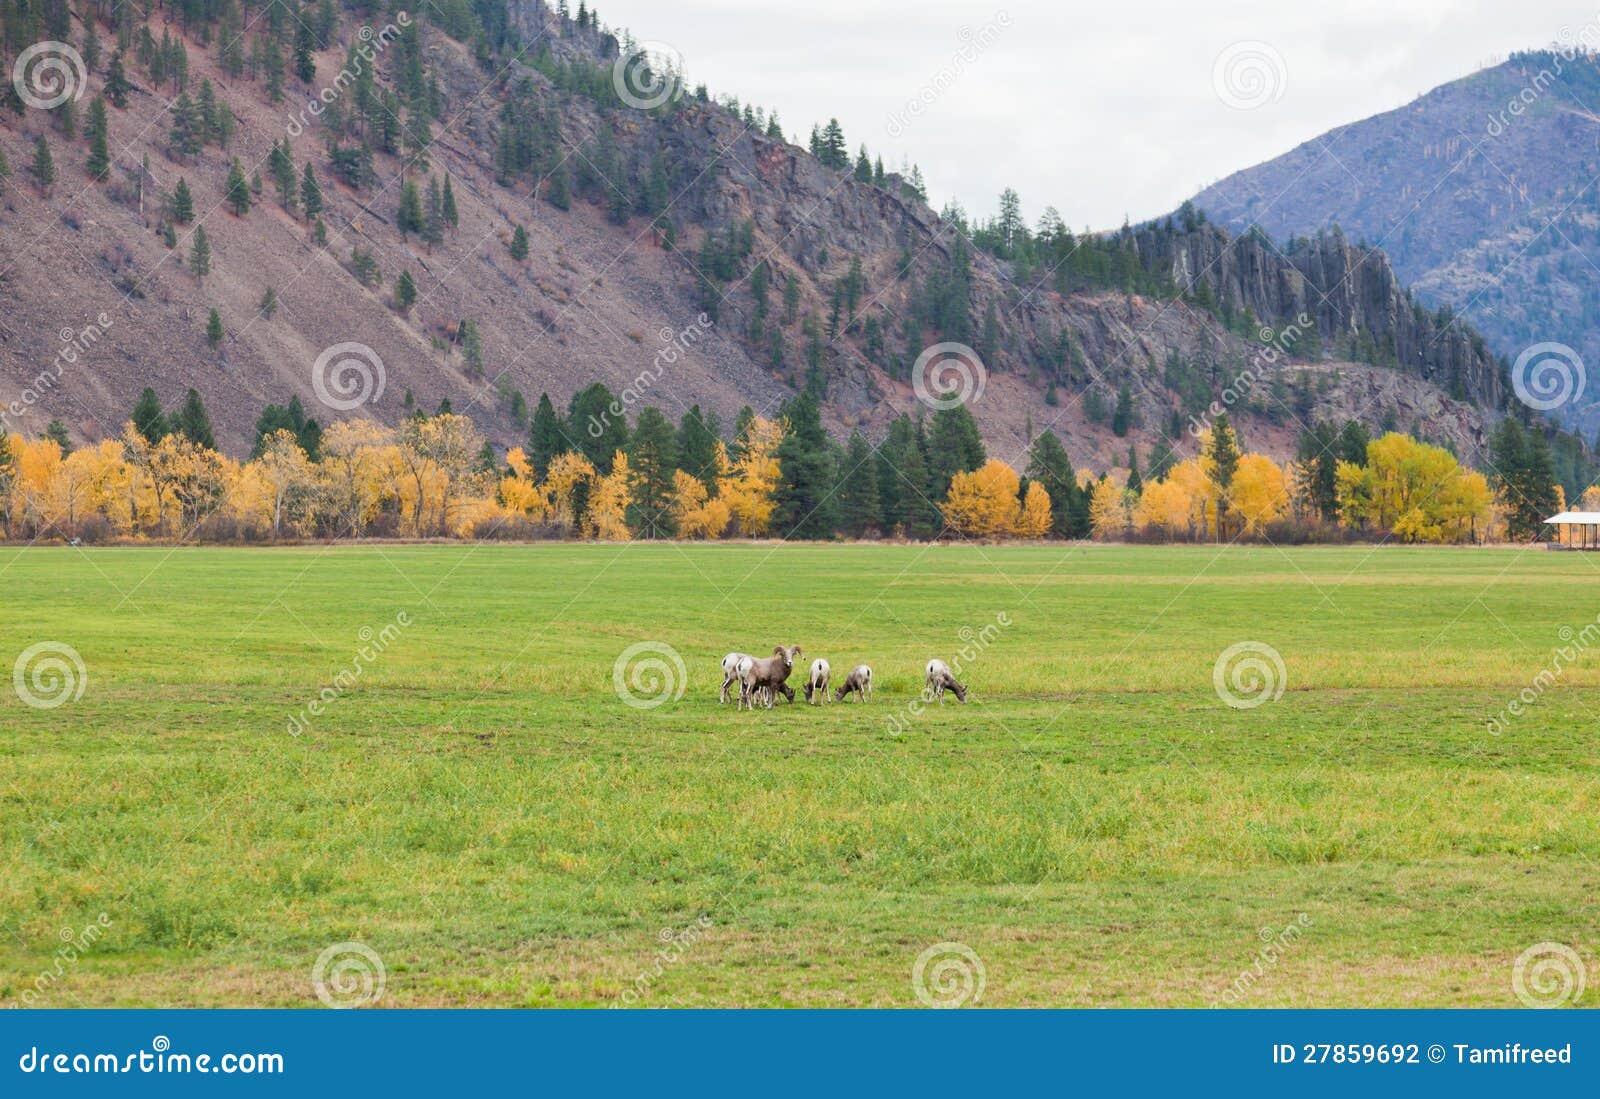 Krajobraz z Baranami